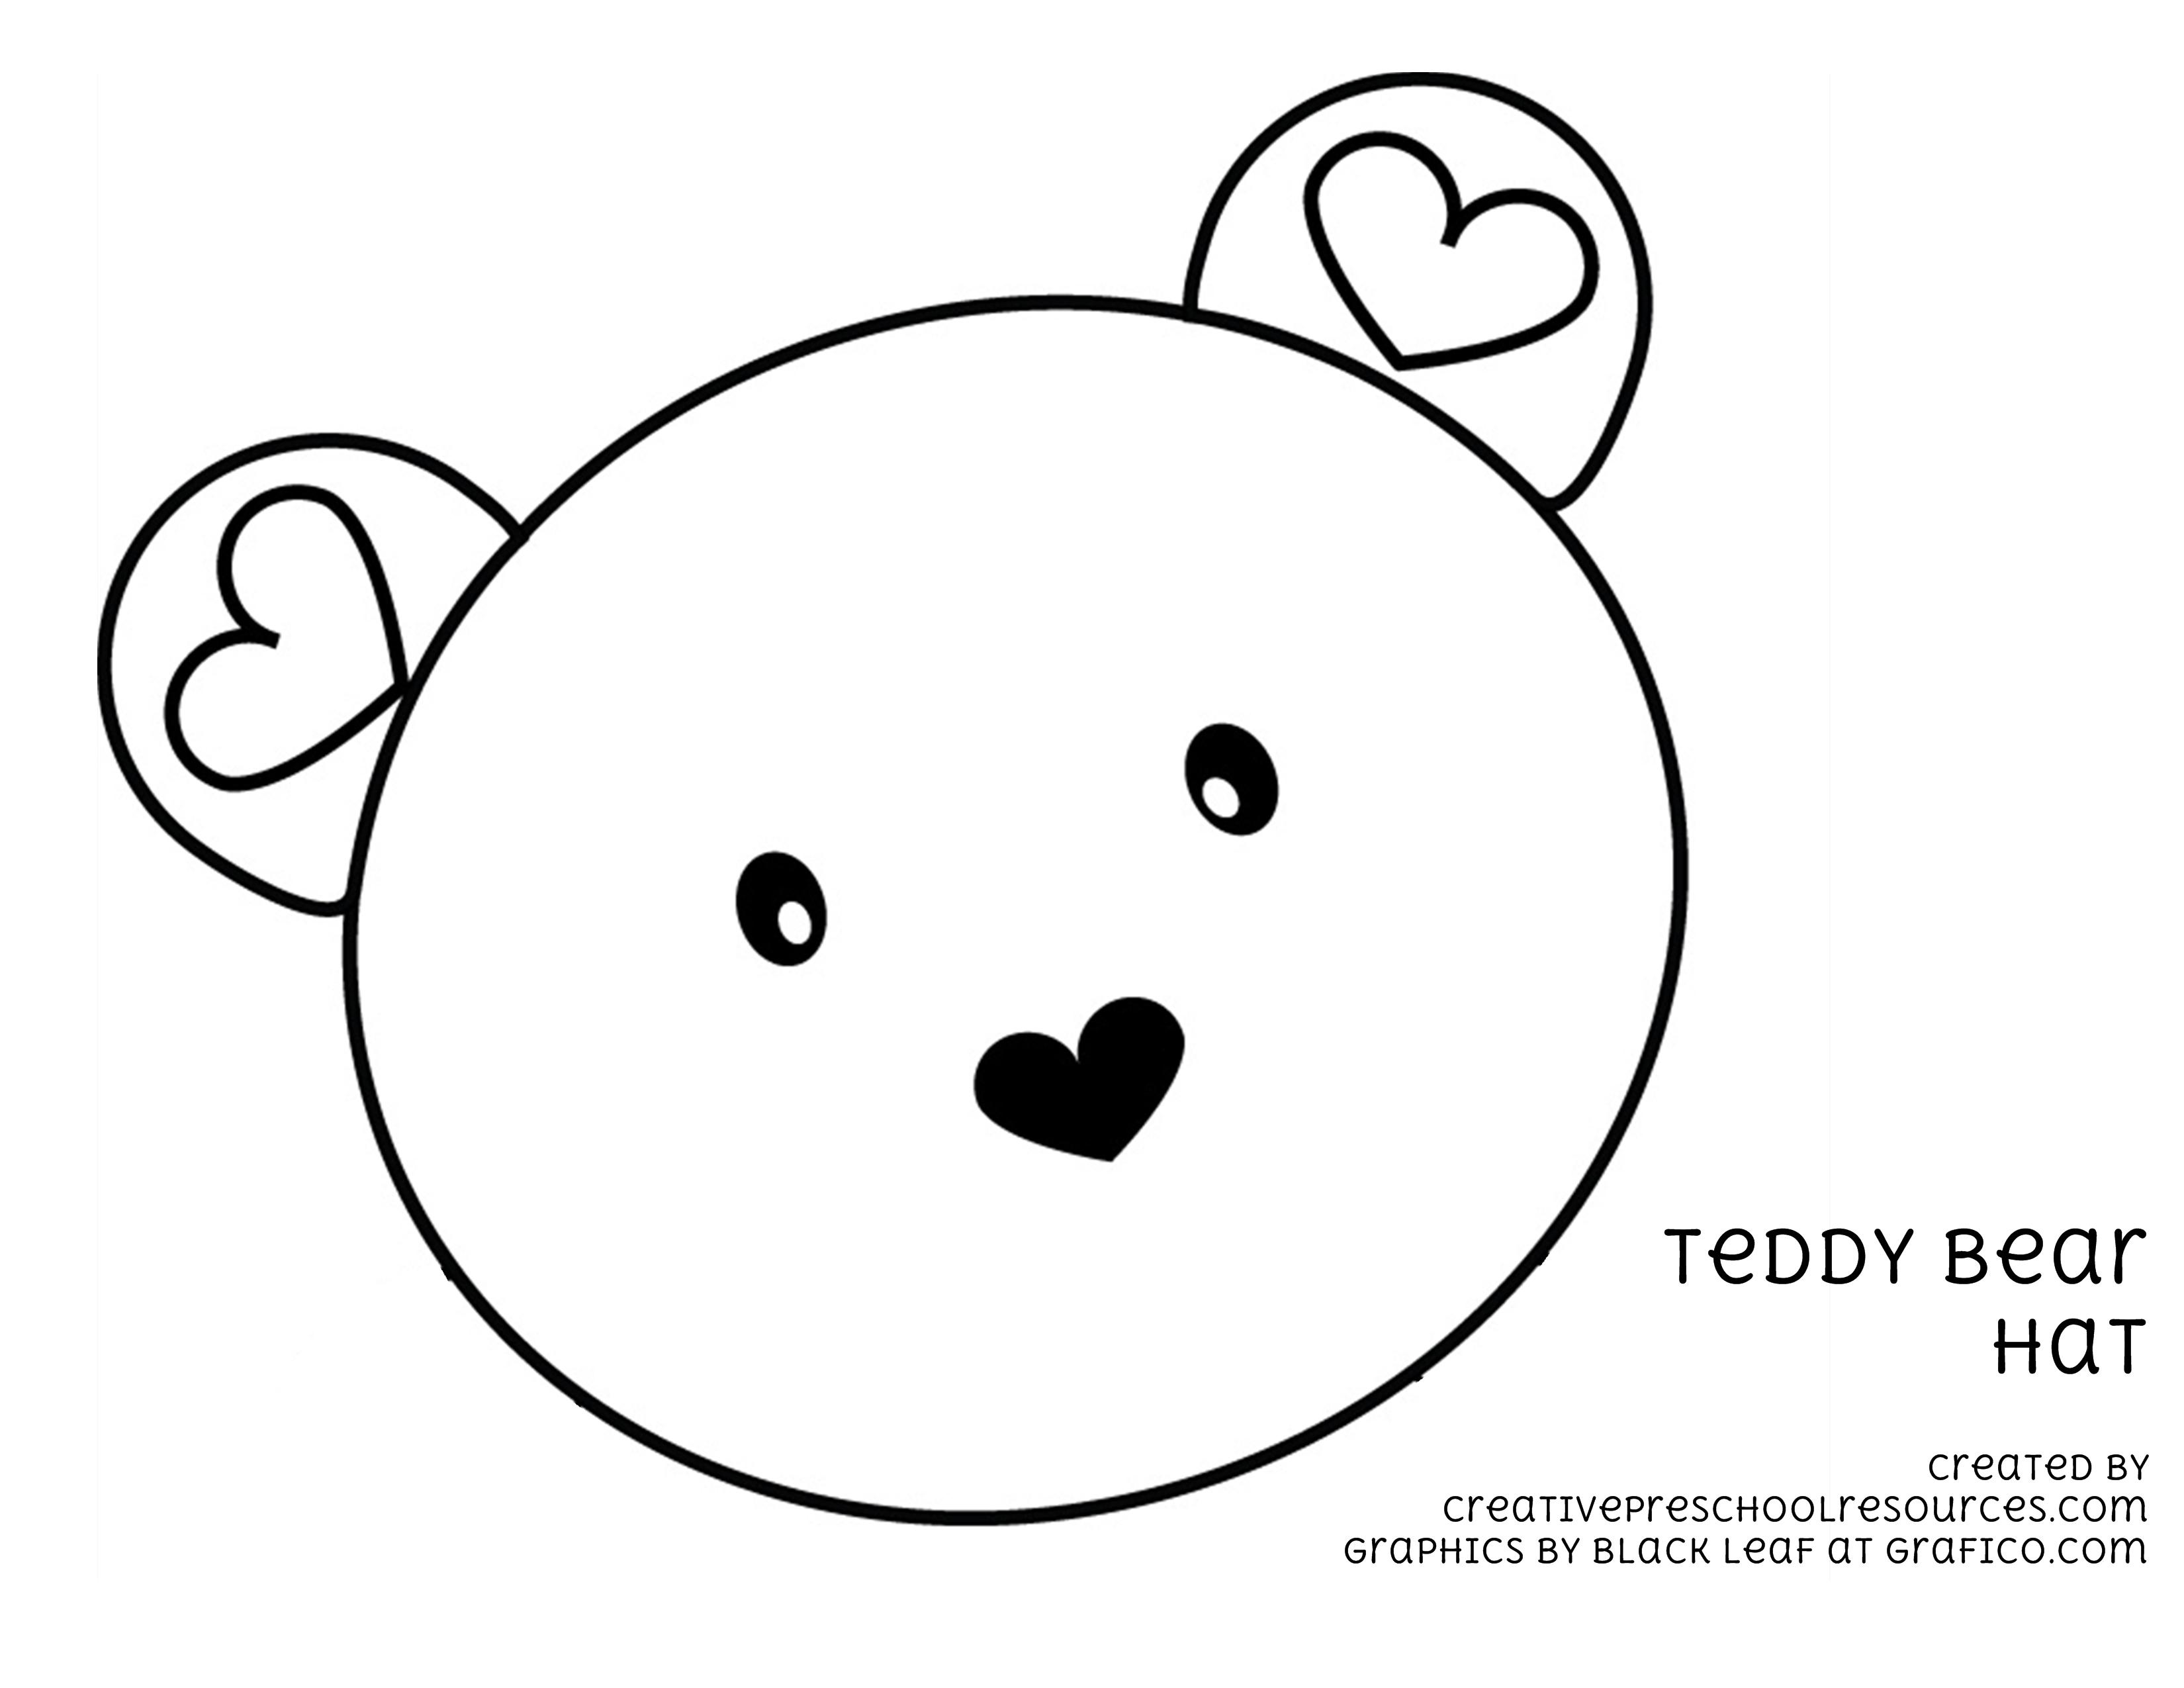 Teddy Bear Face Templates